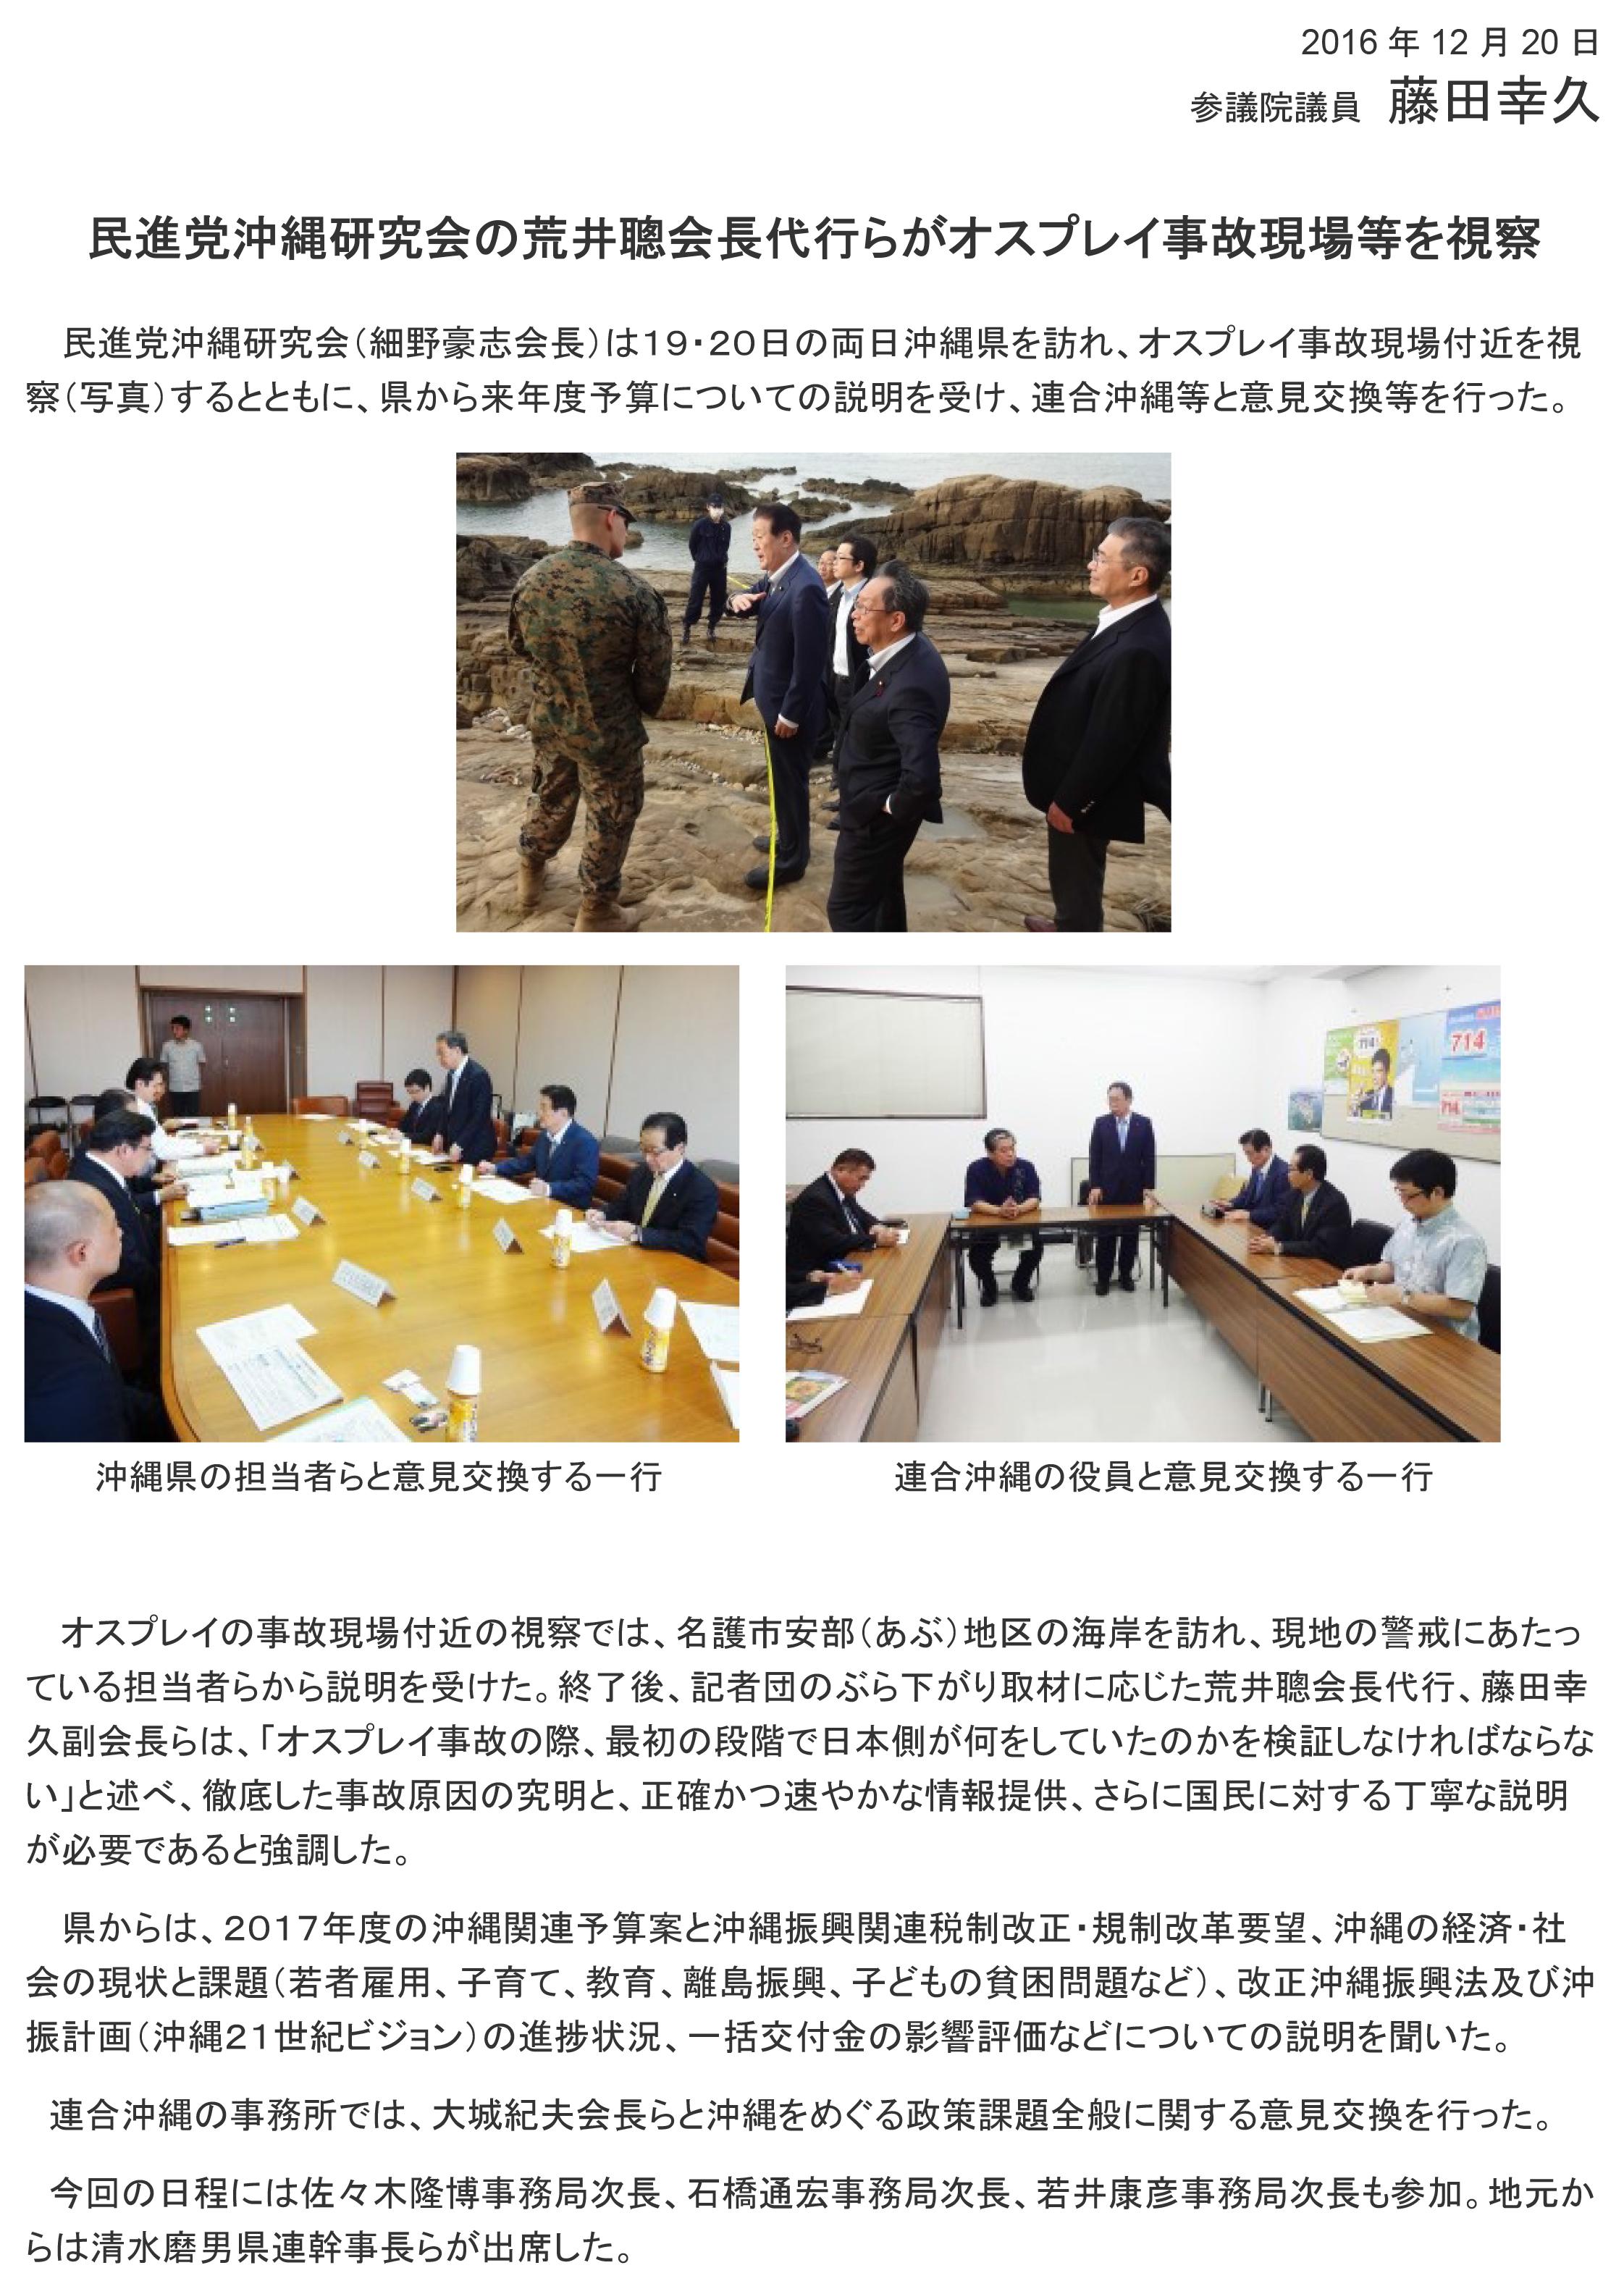 民進党沖縄研究会の荒井聰会長代行らがオスプレイ事故現場等を視察